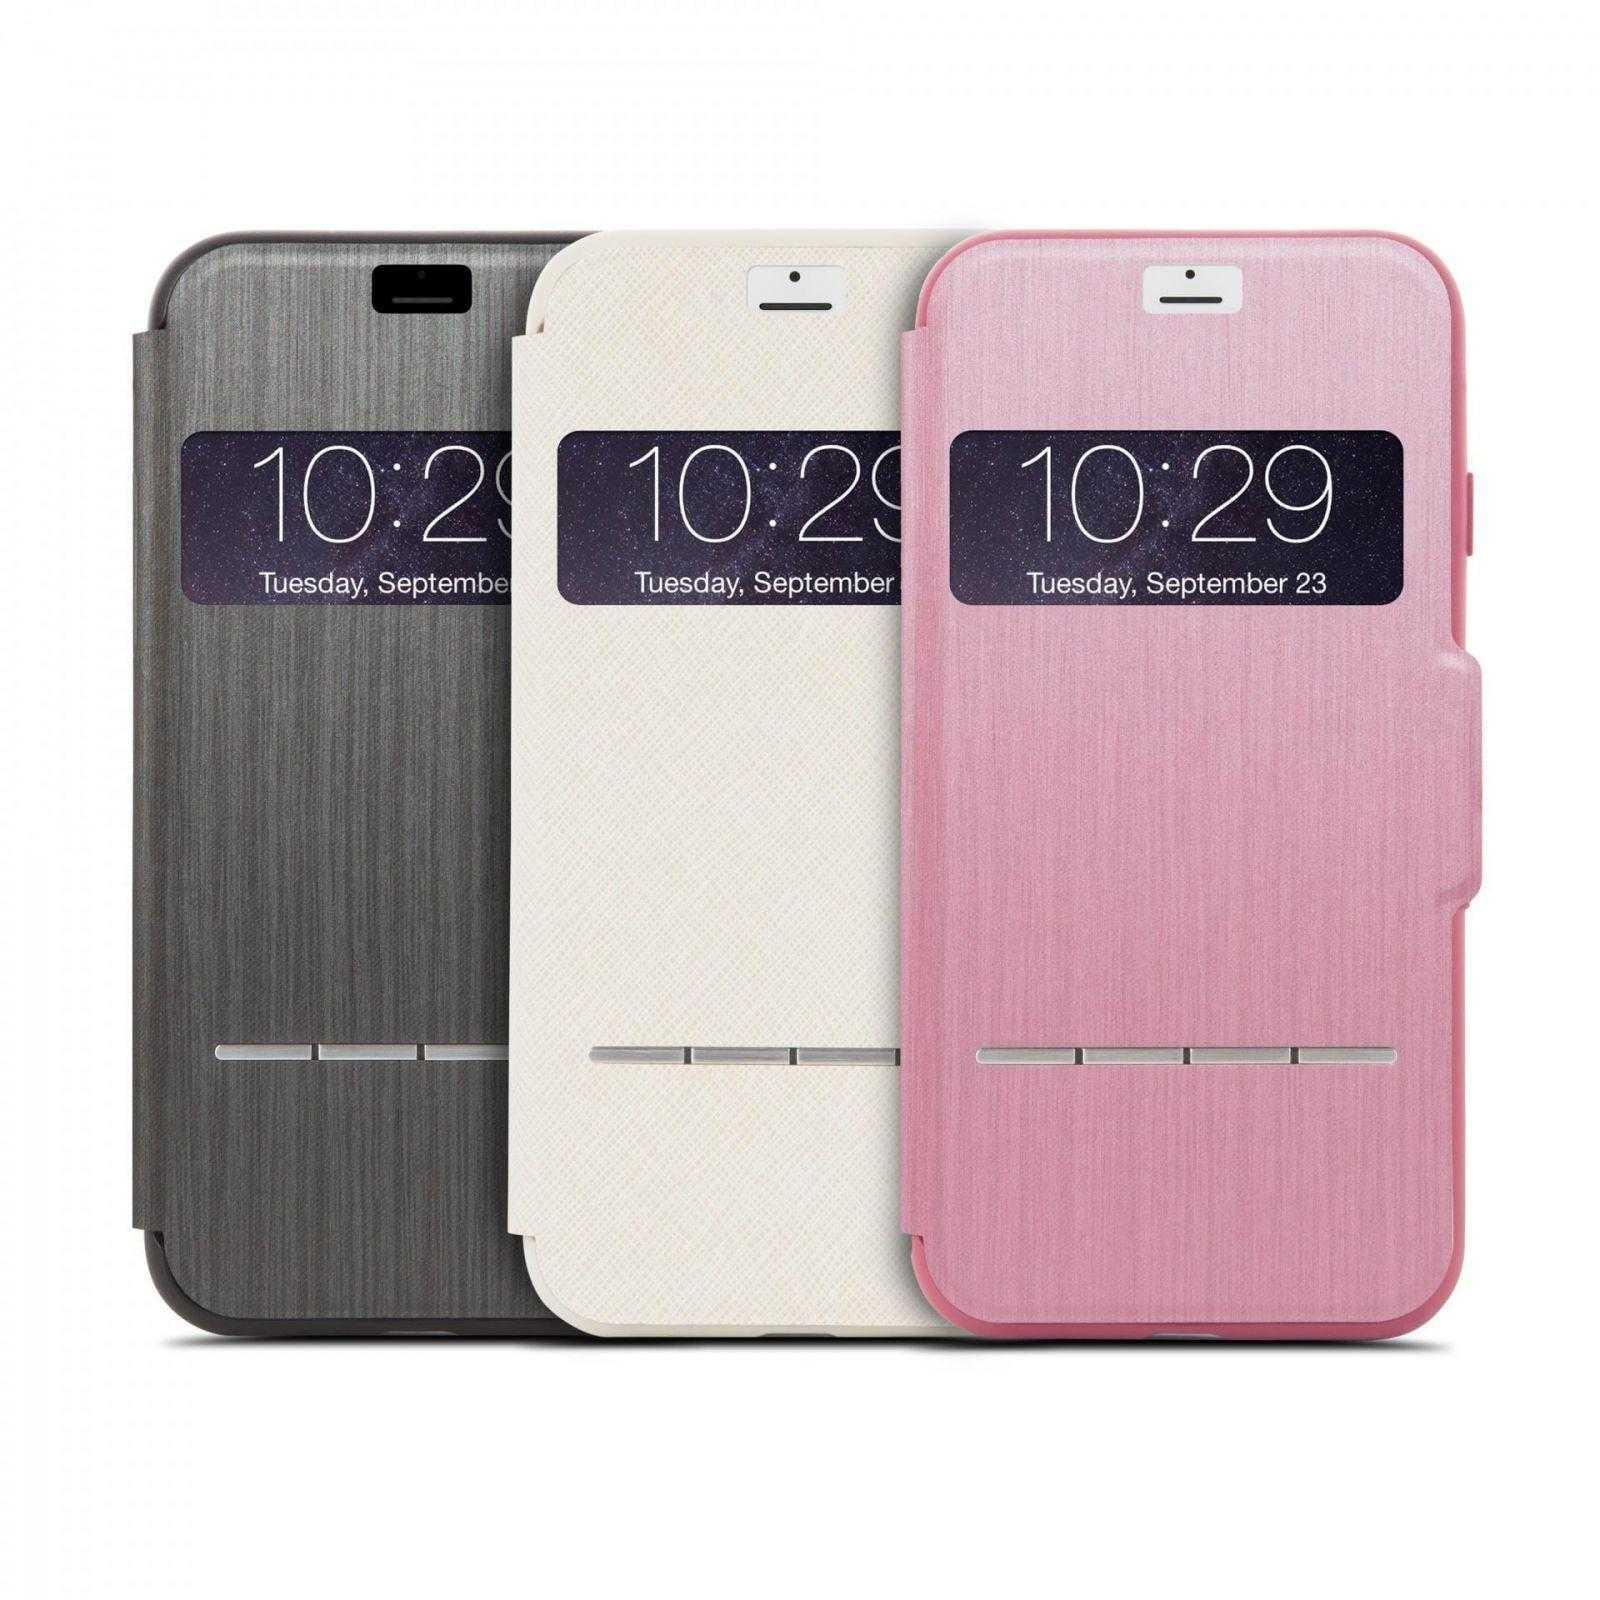 6 лучших аксессуаров для iPhone 8 (Sensecover iP7 group)